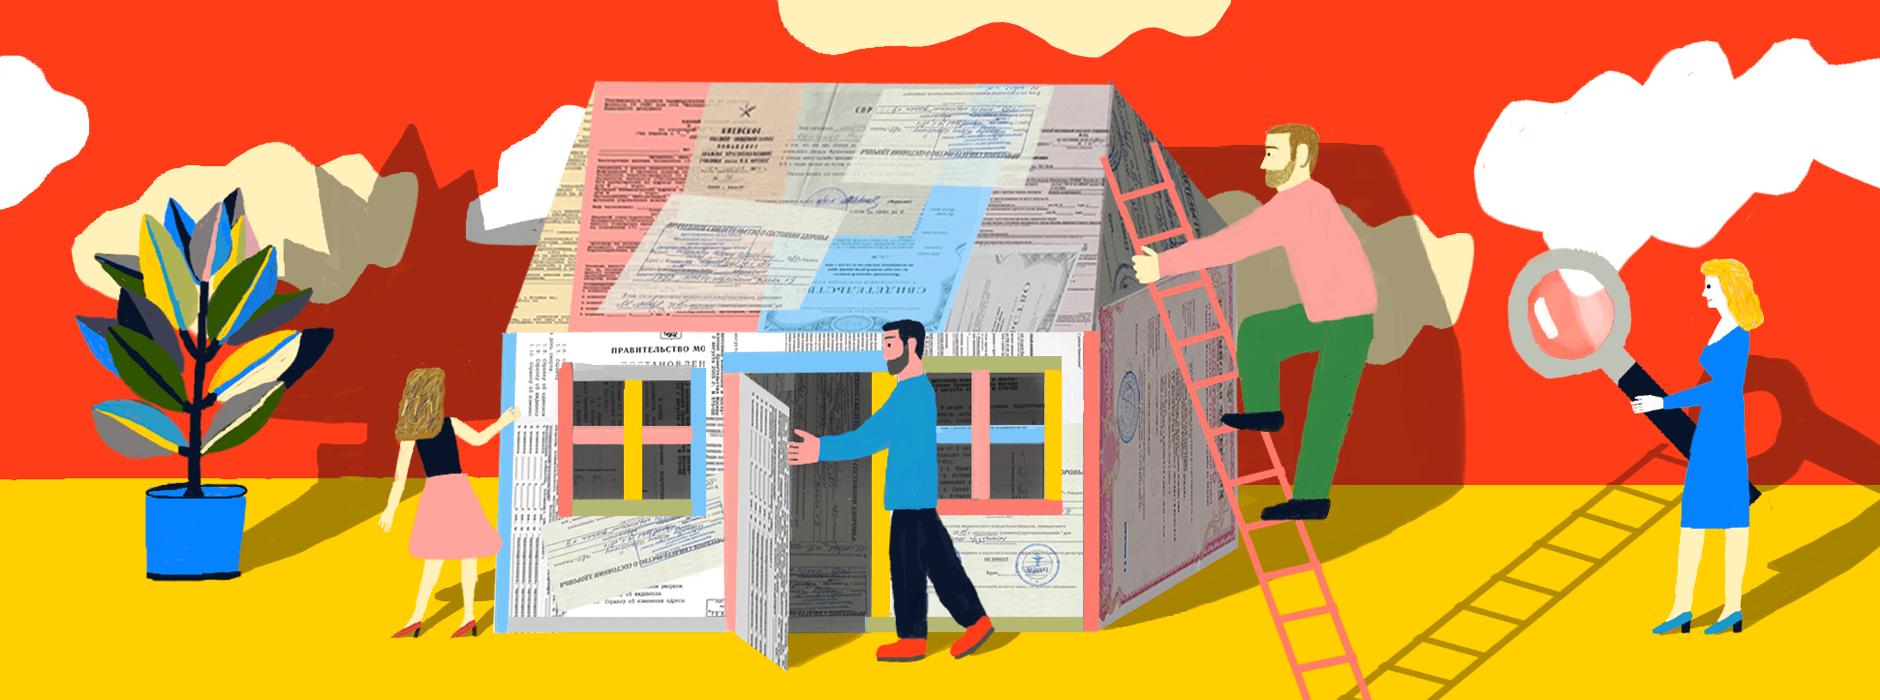 Как проверить квартиру перед покупкой в 2021 году | инструкция